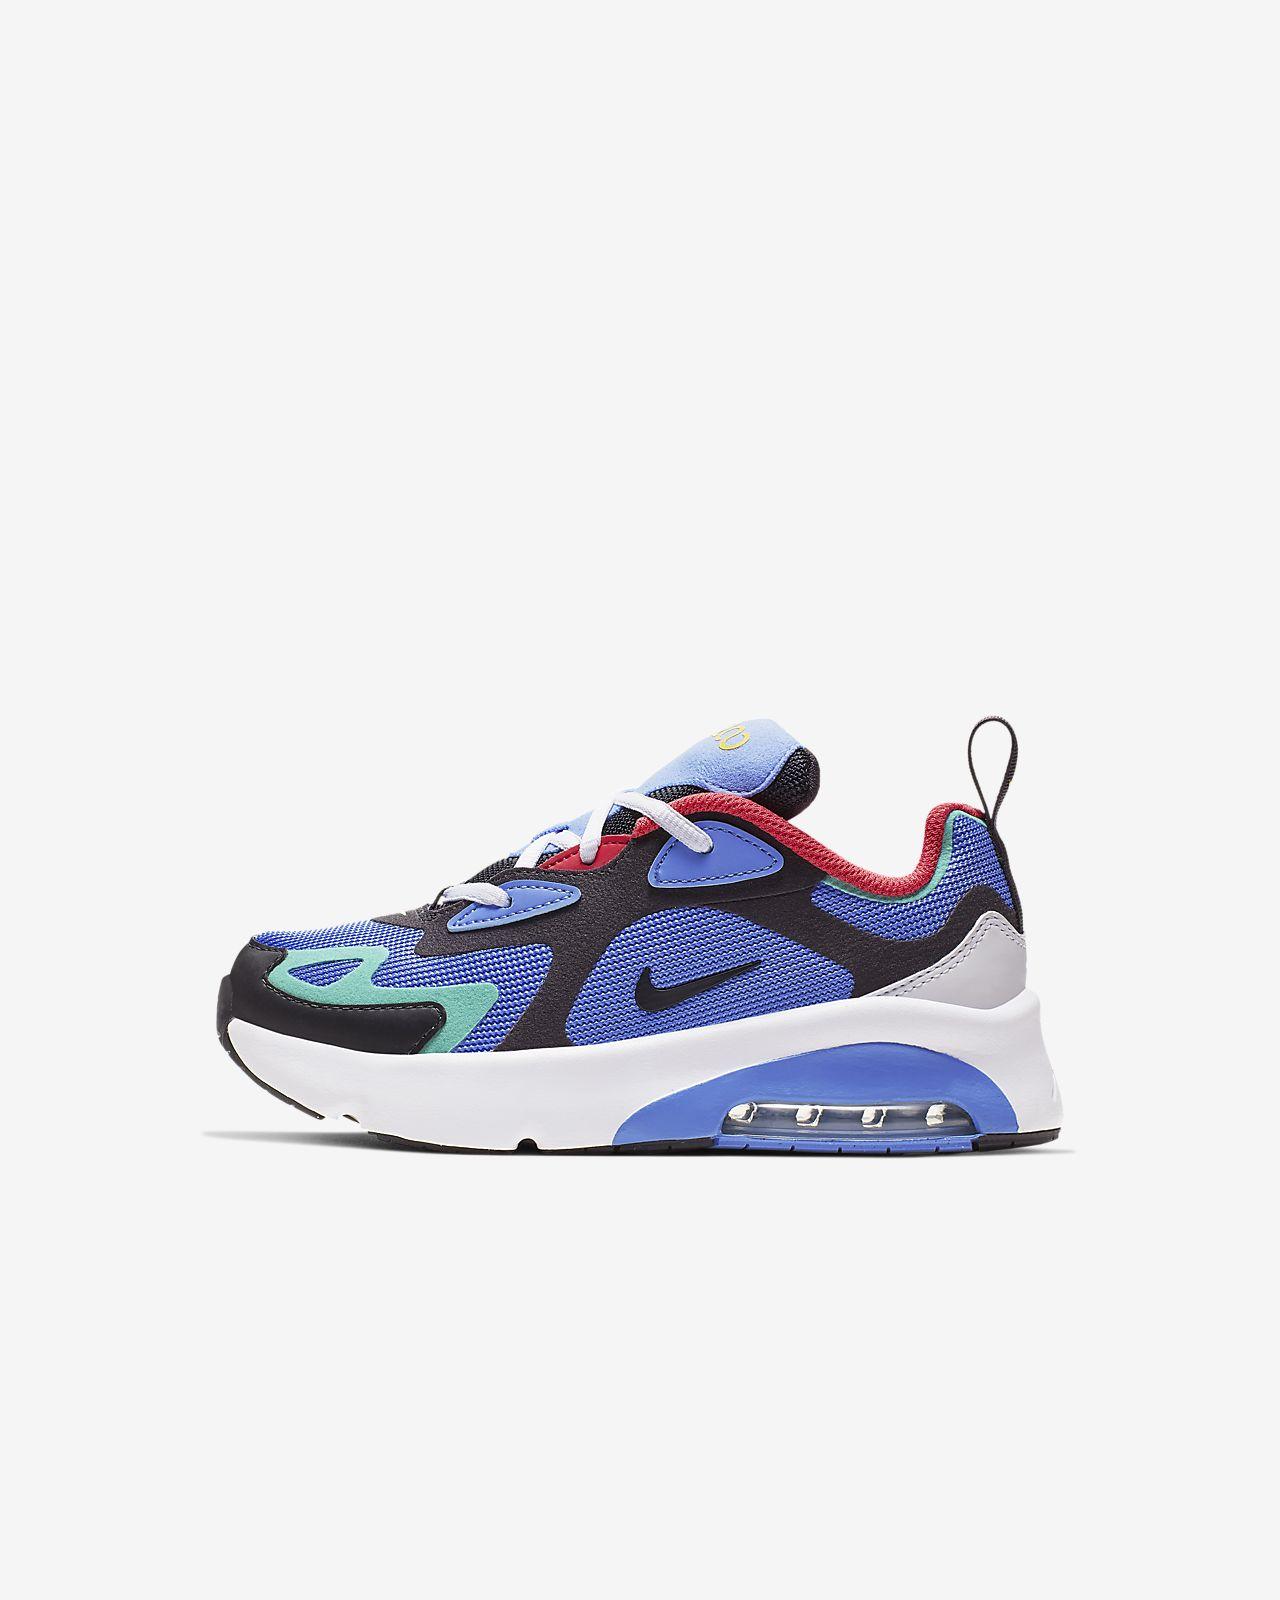 Calzado para niños talla pequeña Nike Air Max 200